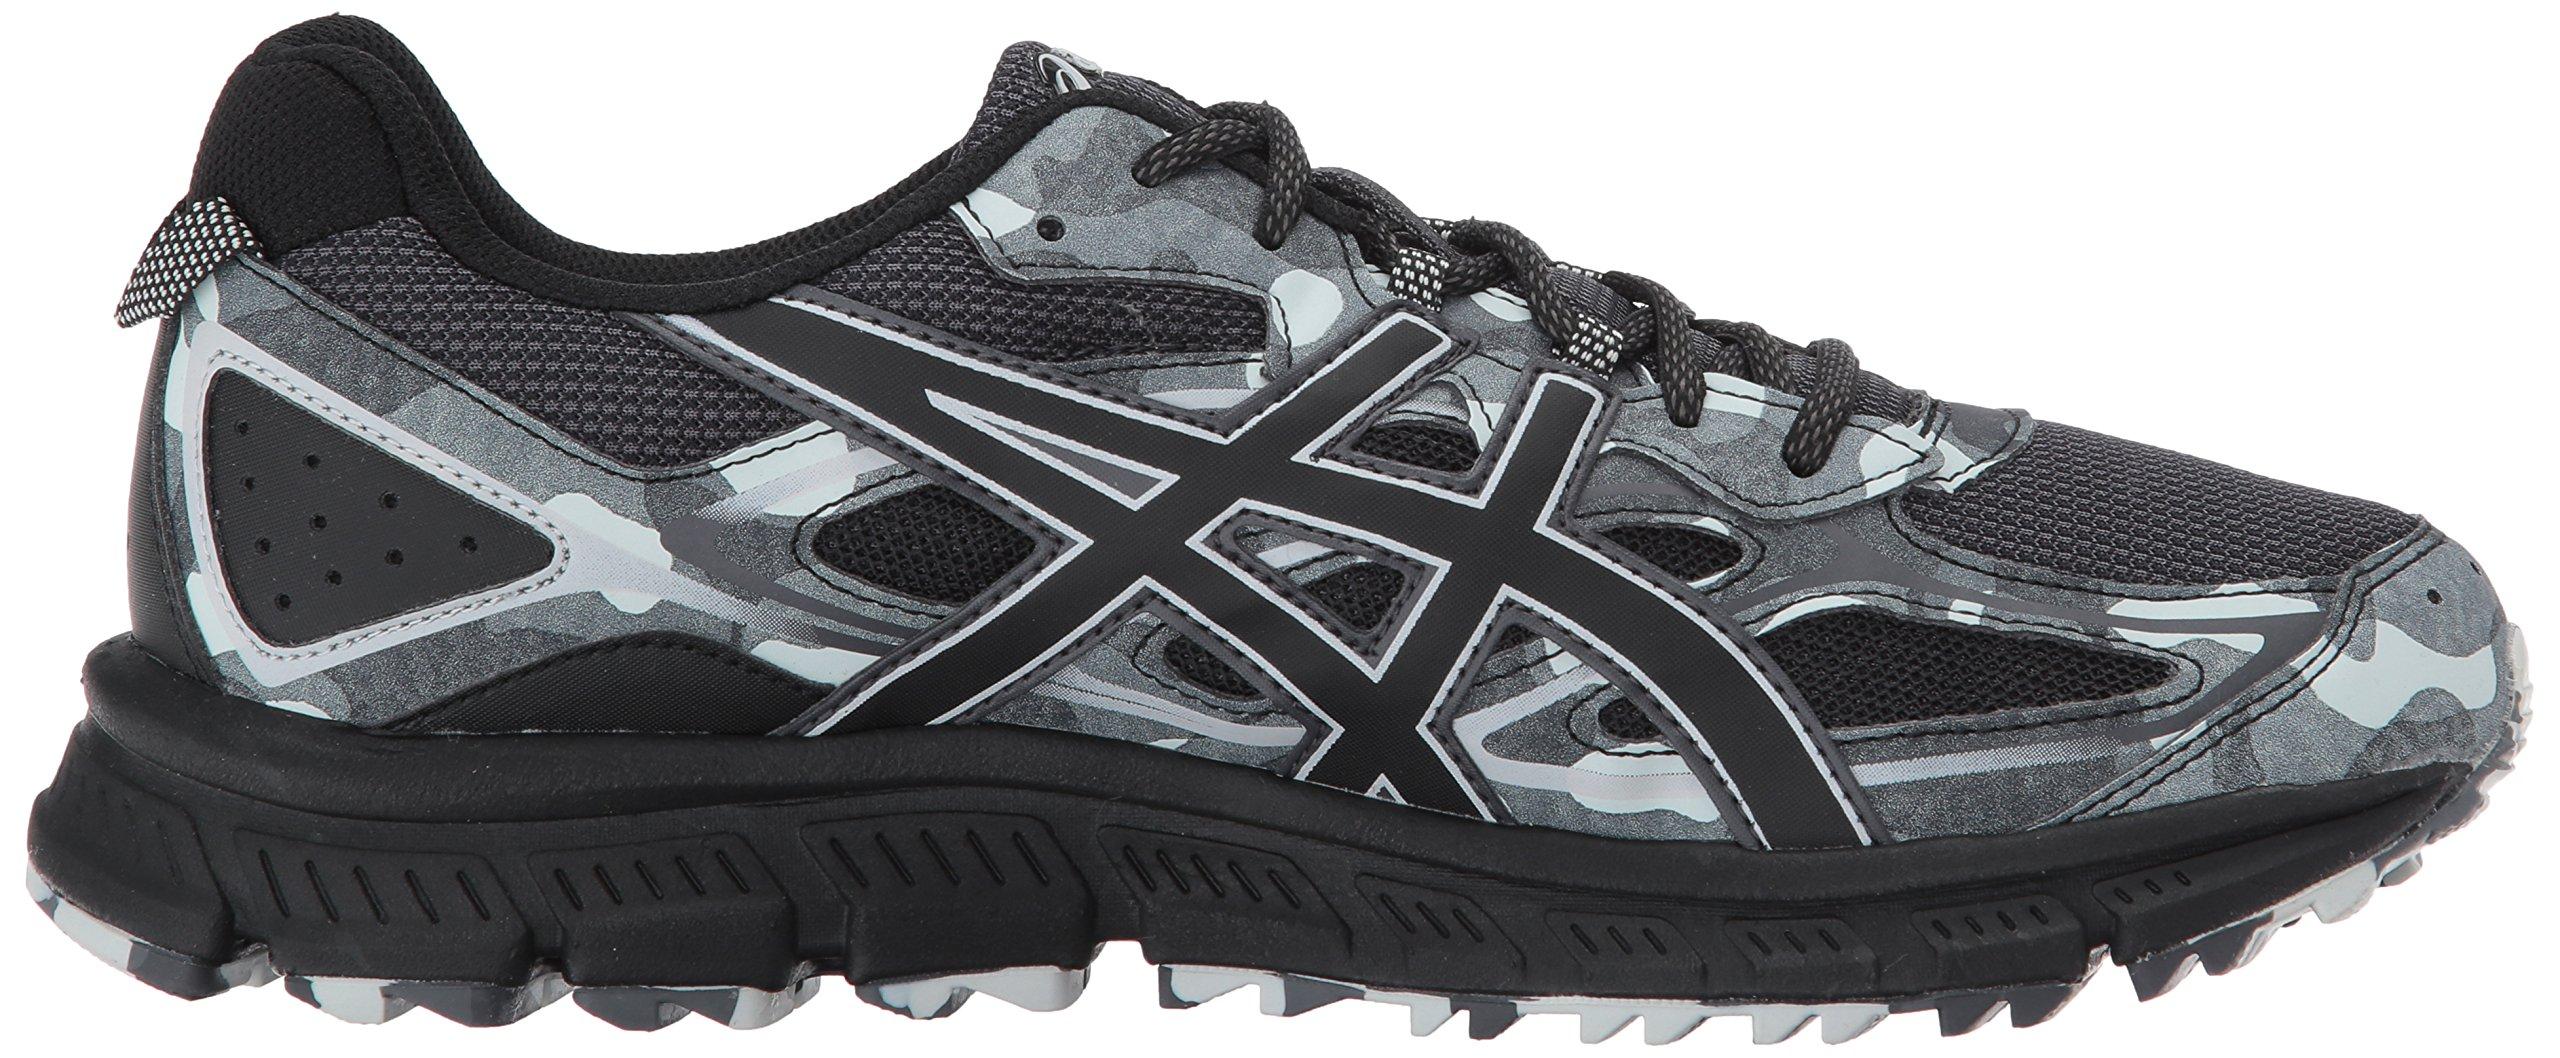 3107eb14d30a ASICS Men s Gel-scram 3 Trail Runner - GEL-Scram 3-M   Running Shoes    Sneakers   Boots   Shoes - tibs